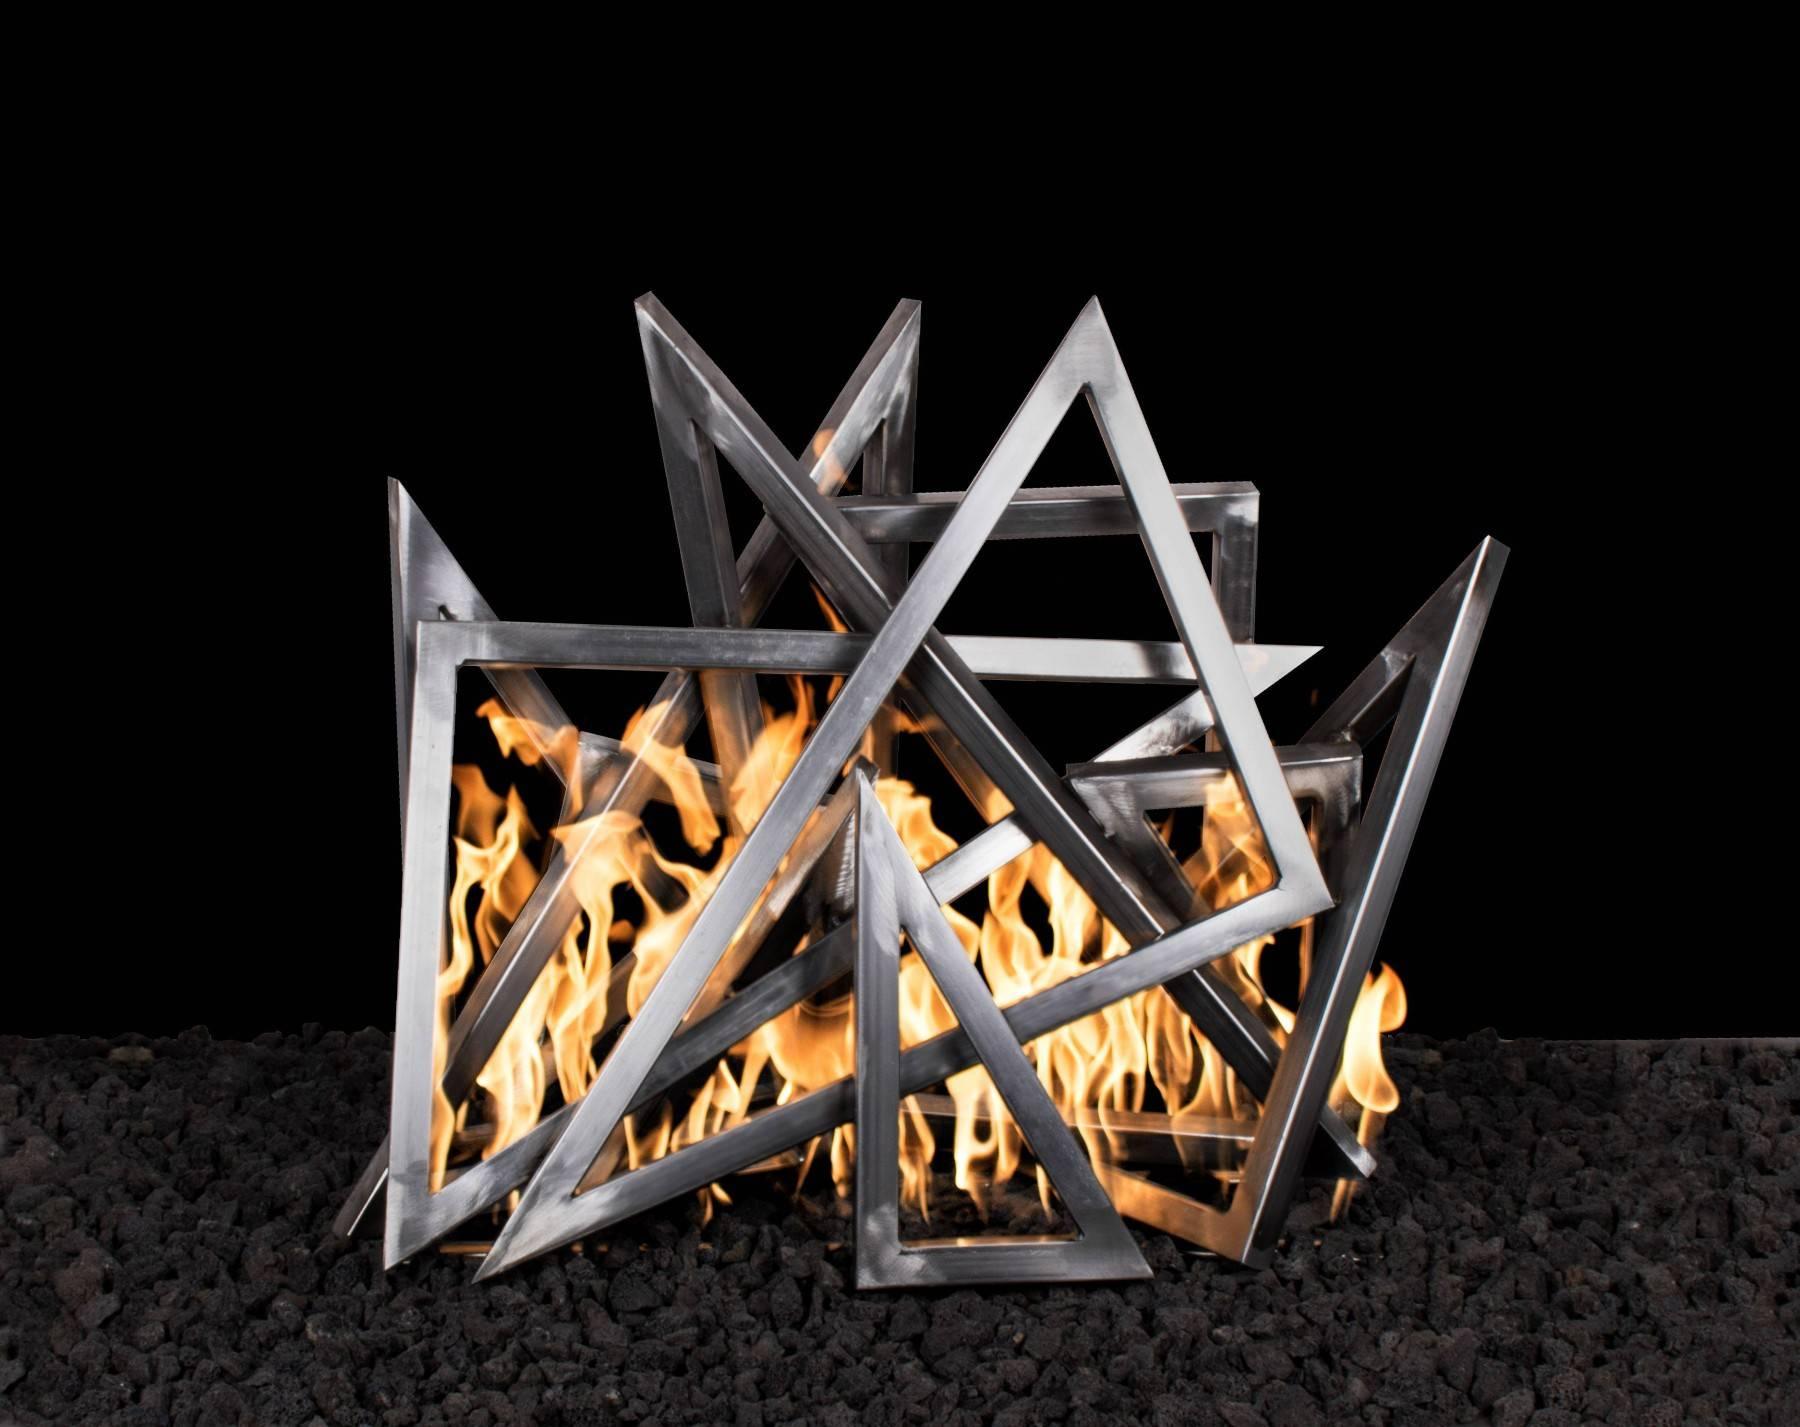 Steel Triangle Sculpture Sets Over Existing Burner